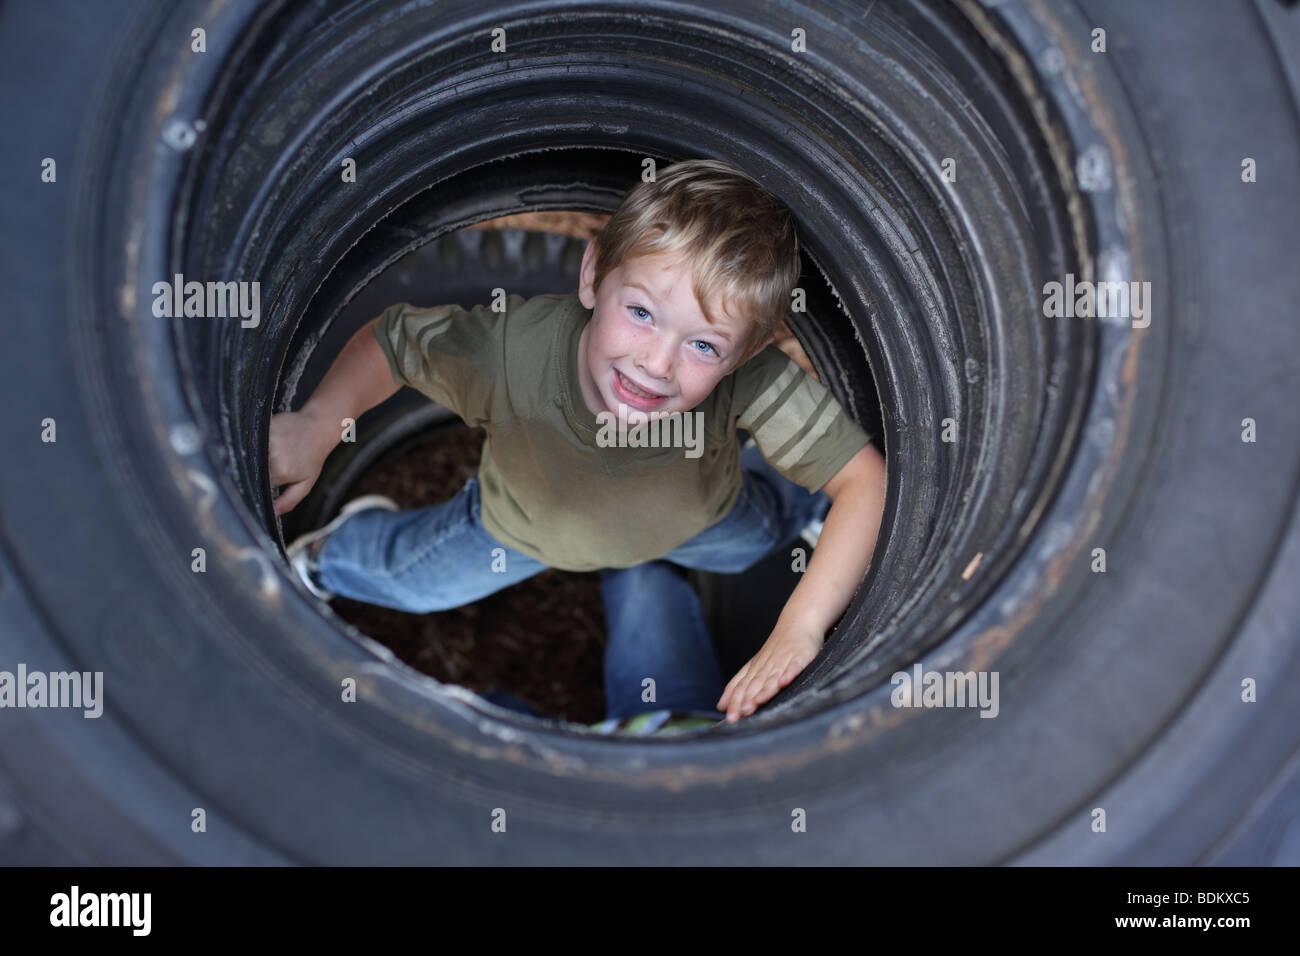 Ragazzo giovane nei pneumatici in posizione di parcheggio Immagini Stock